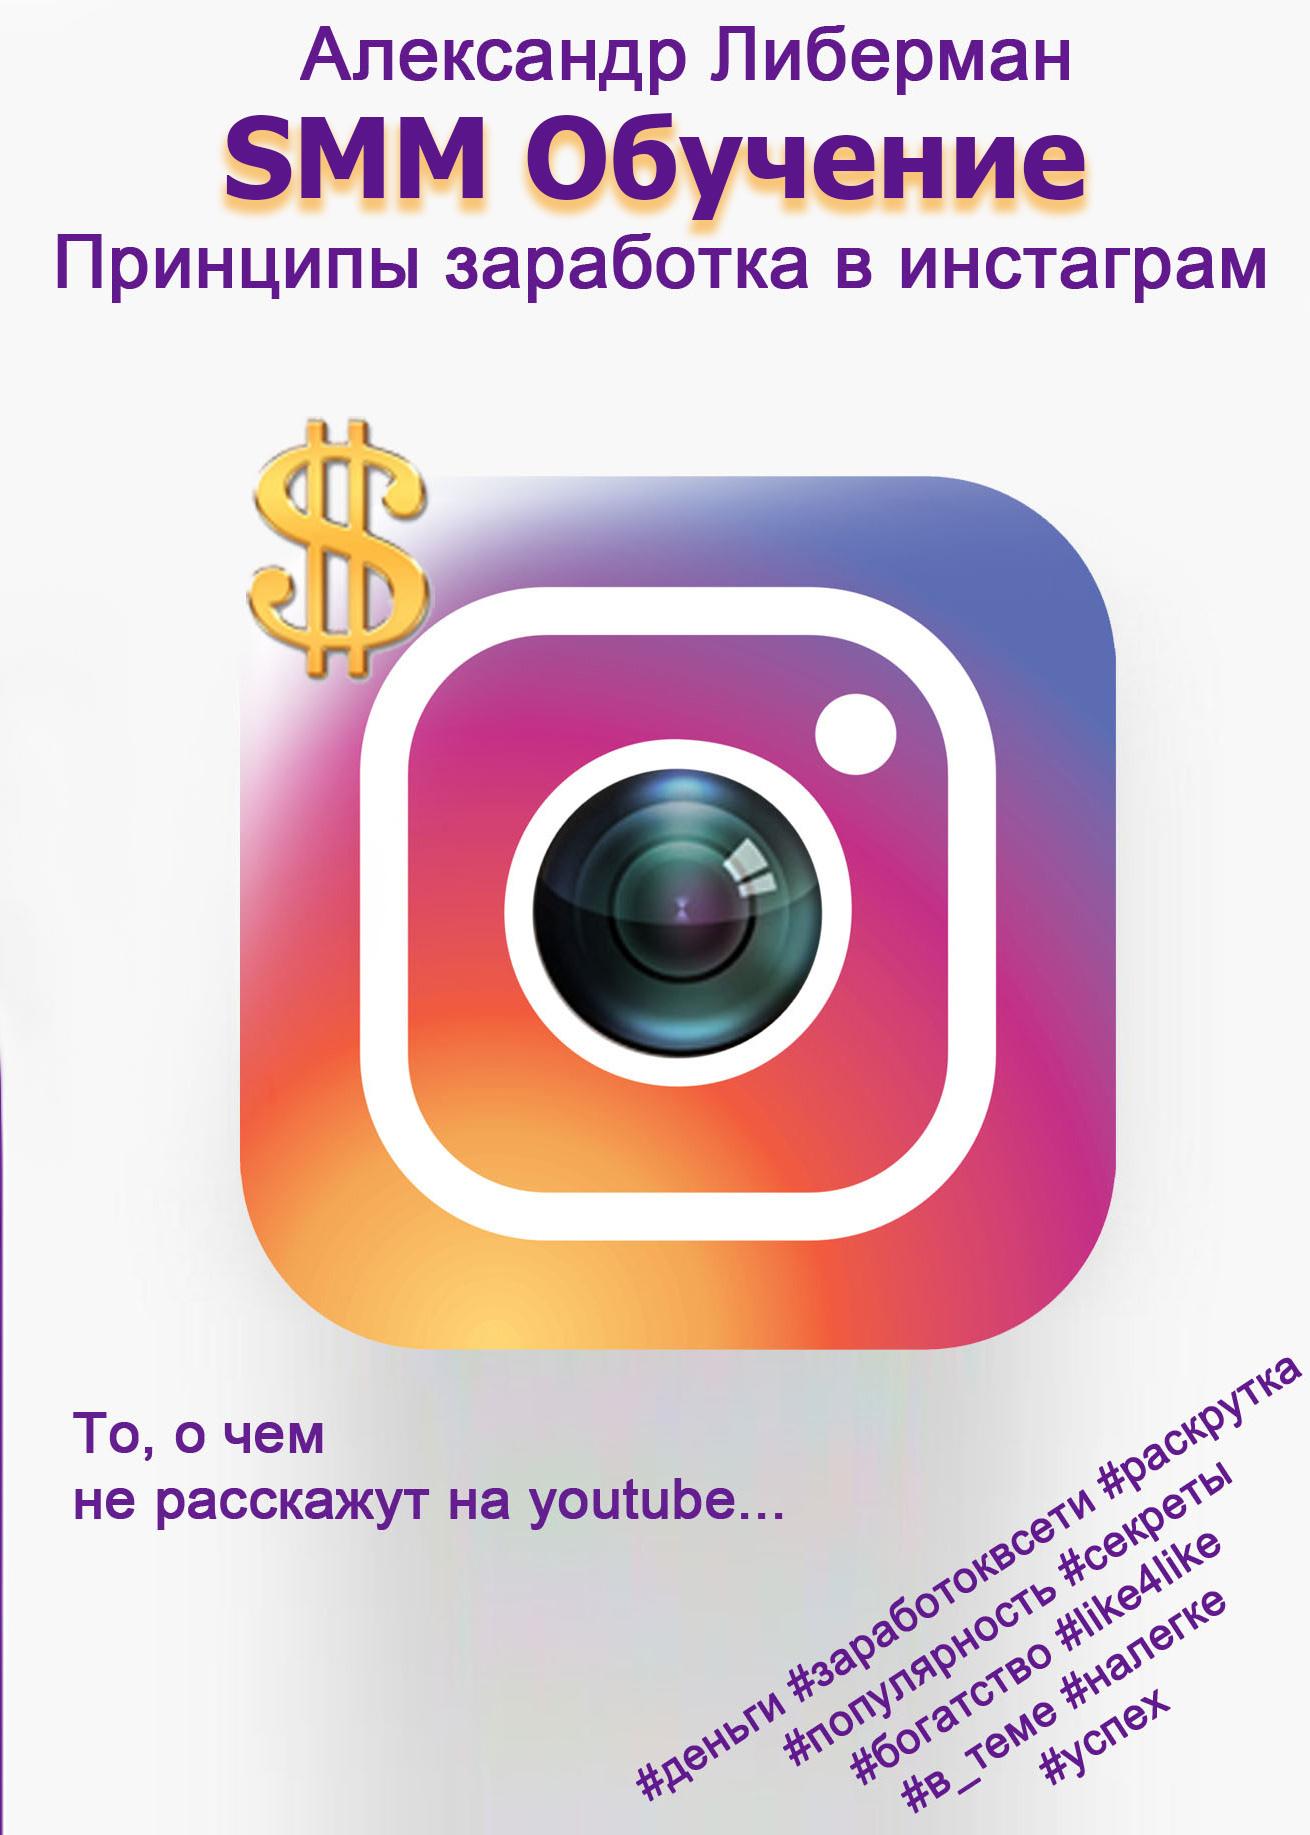 Обложка книги SMM Обучение. Принципы заработка в Instagram